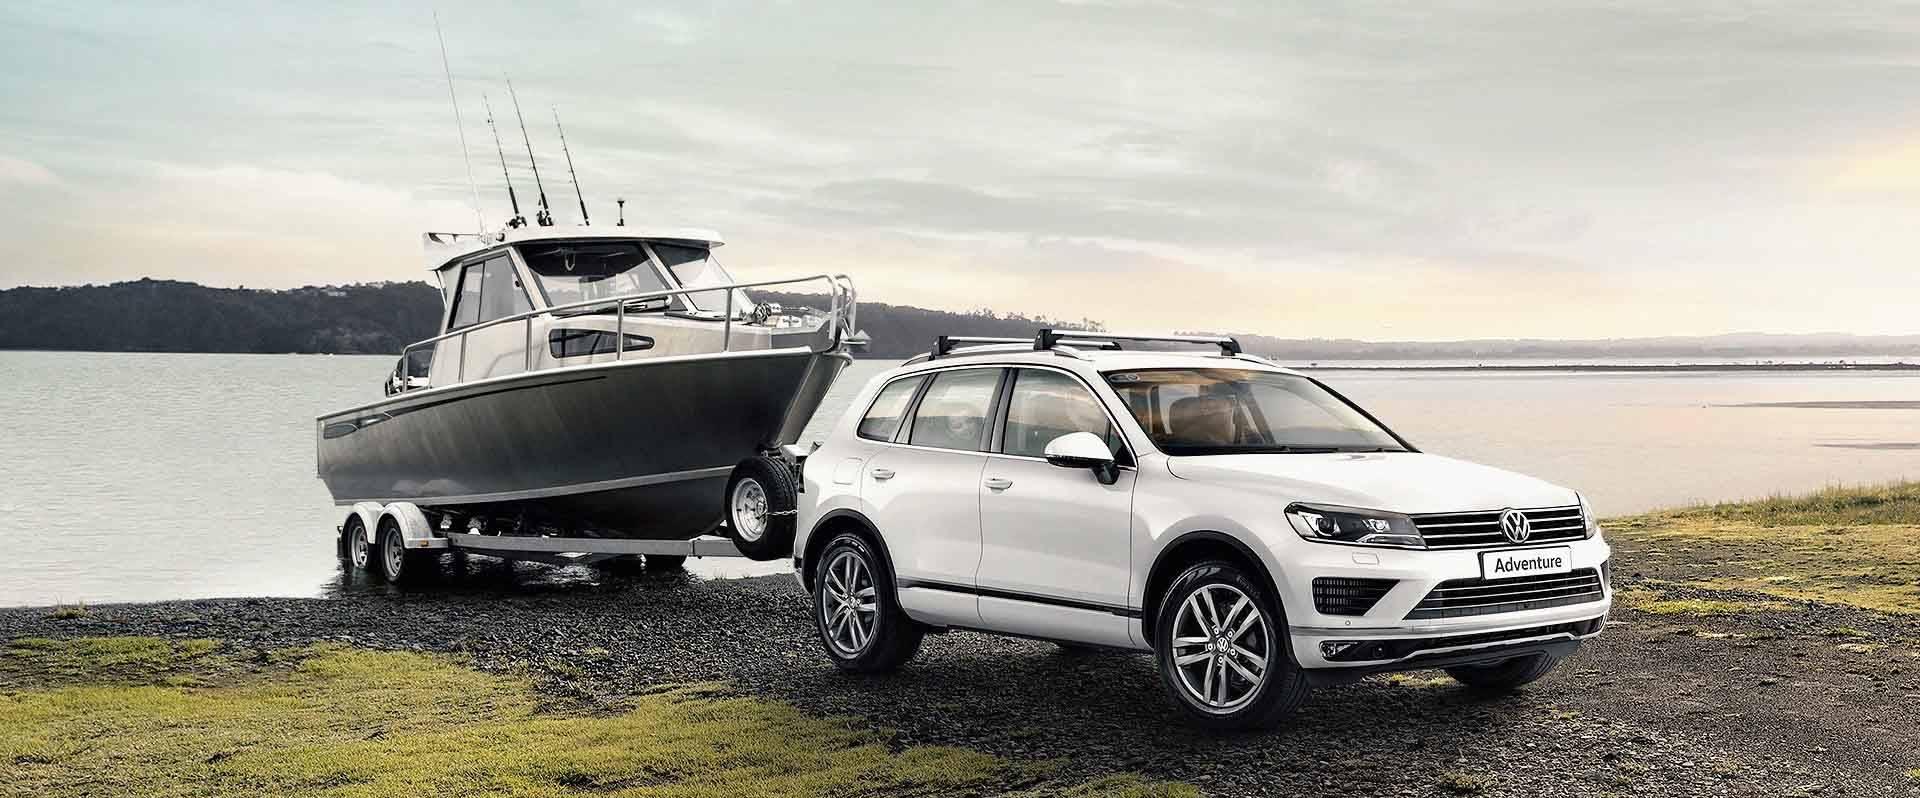 VW Touareg Adventure